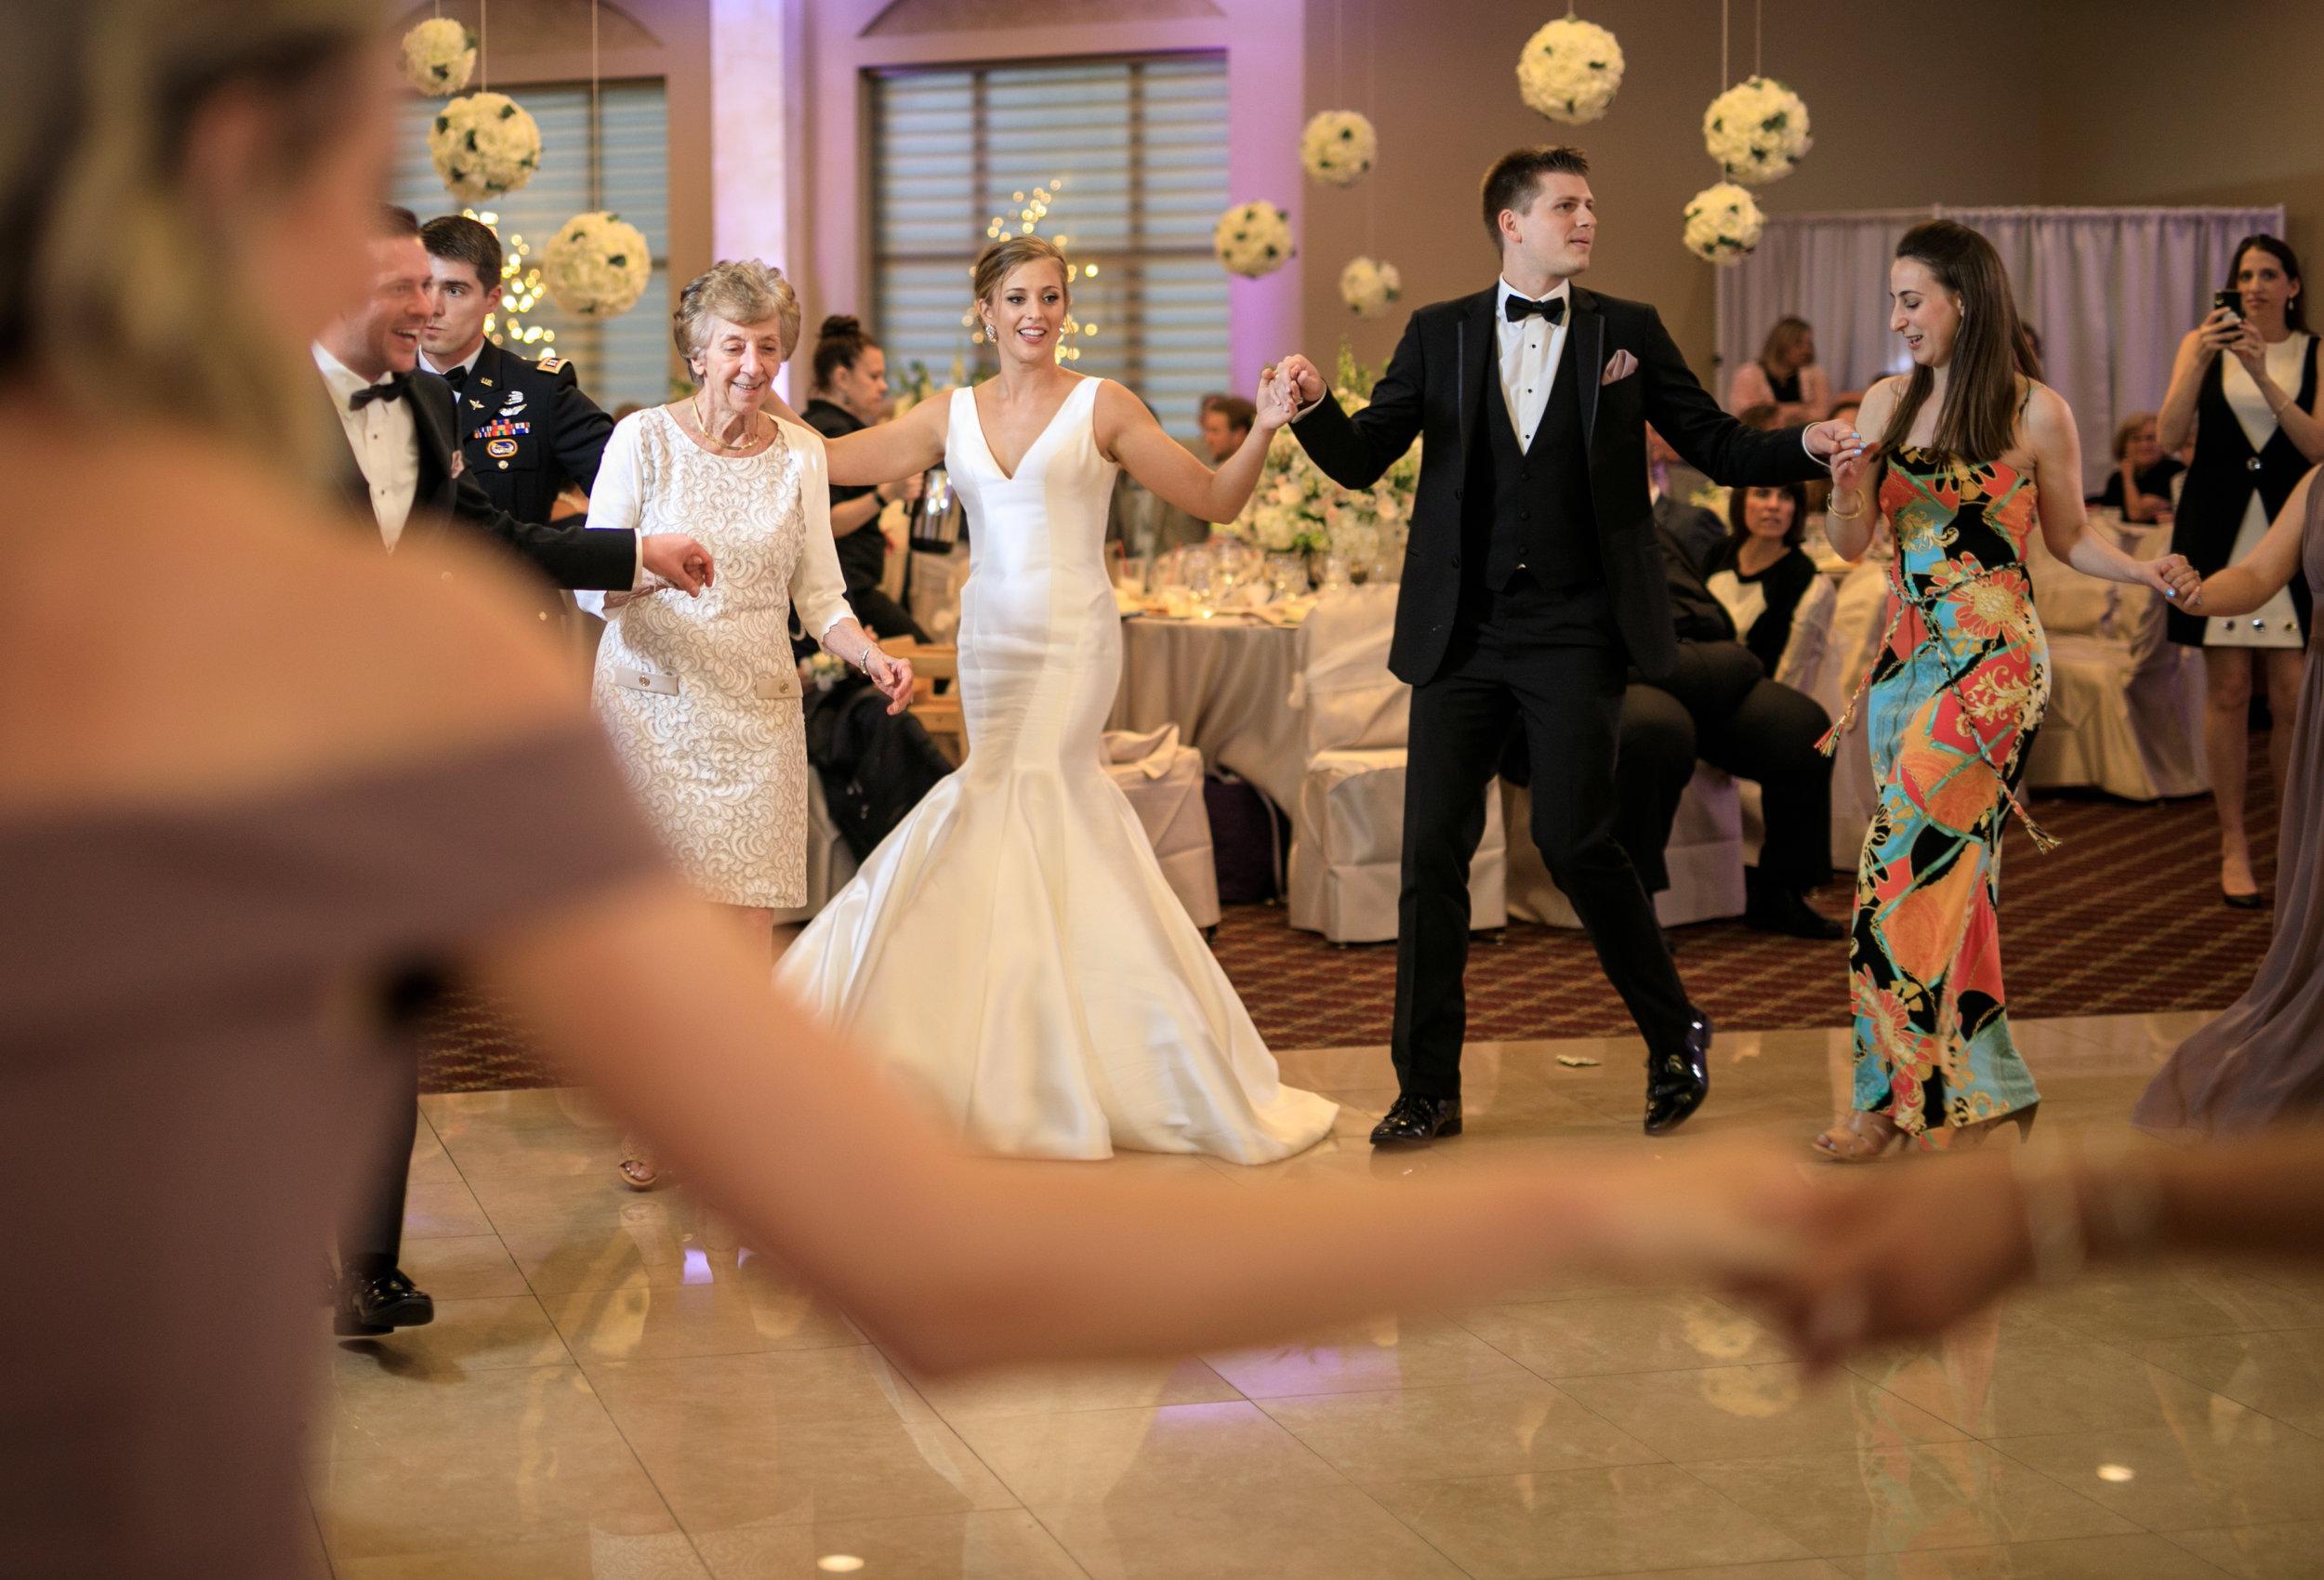 Bride-and-groom-greek-dancing-at-wedding.jpg